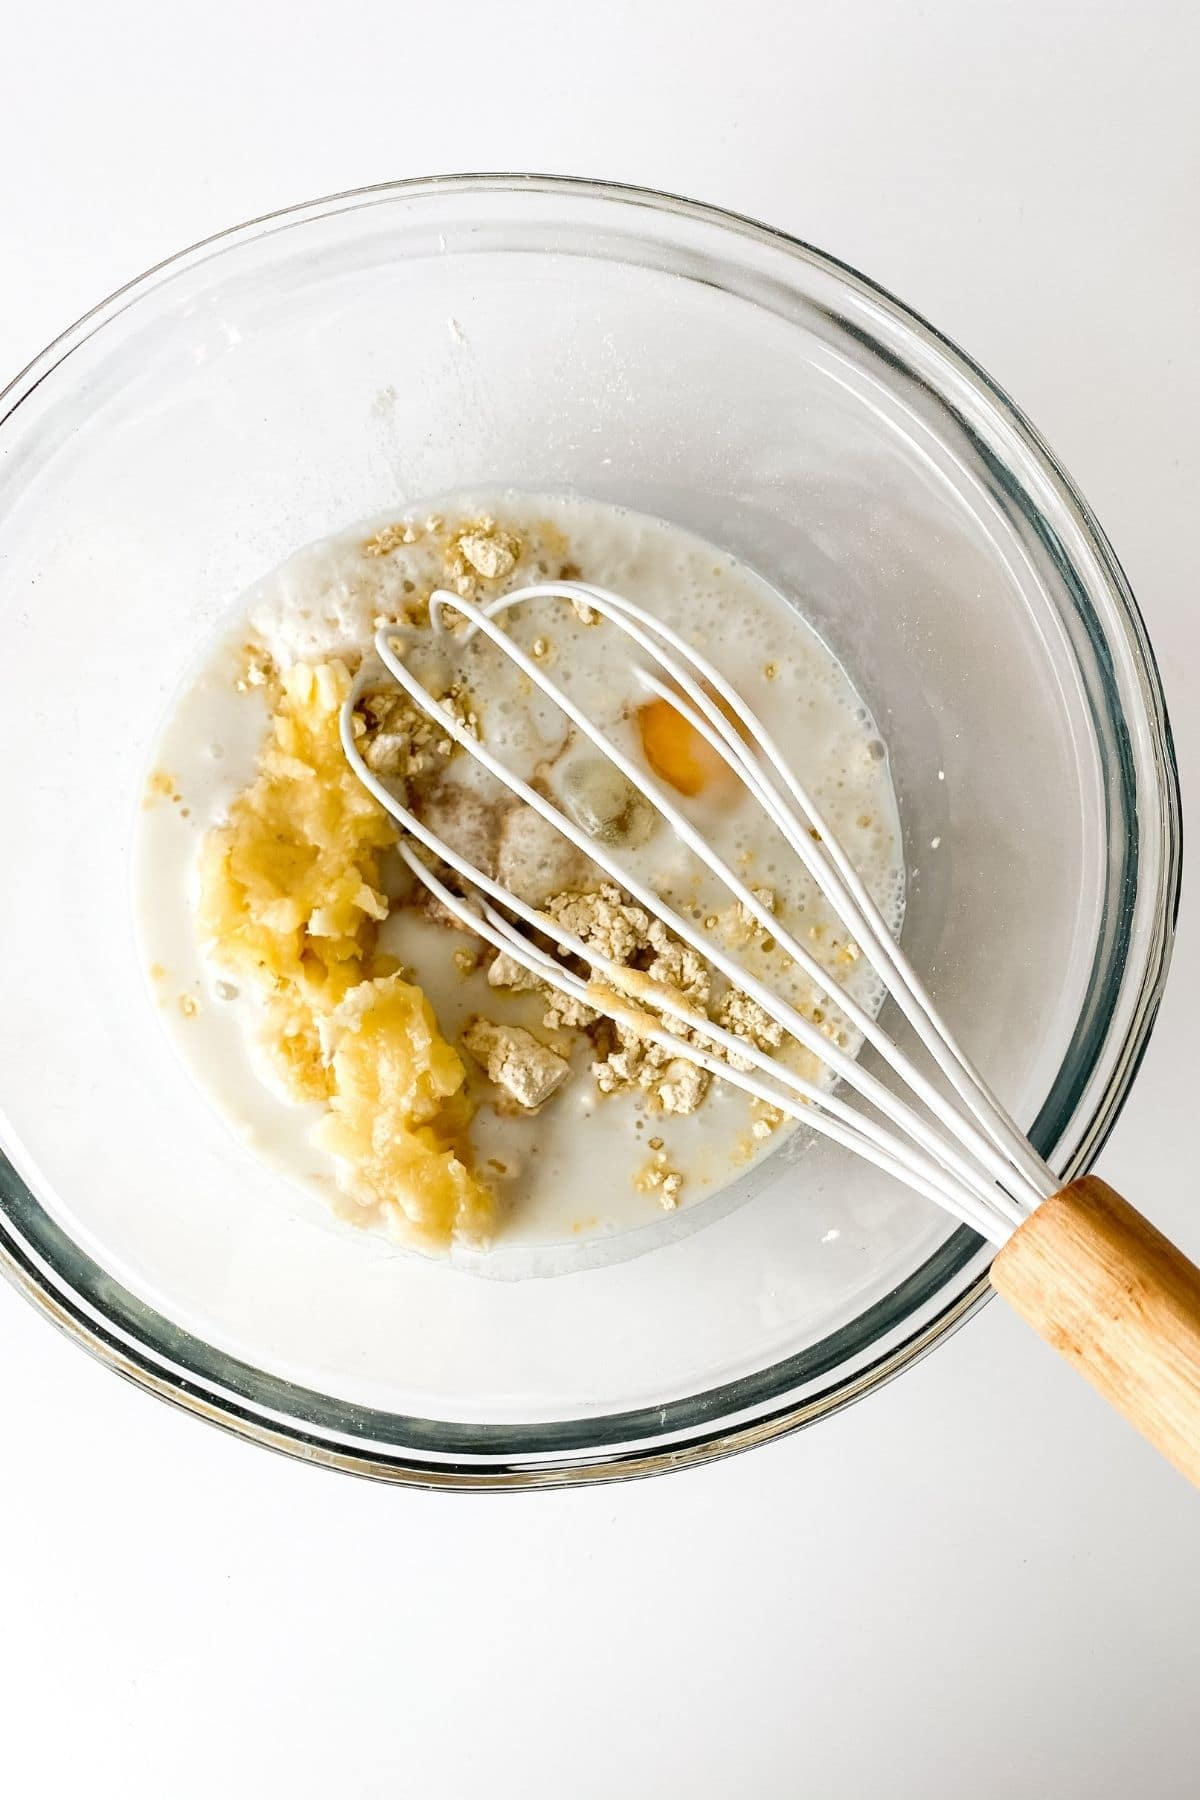 Stirring pancake batter